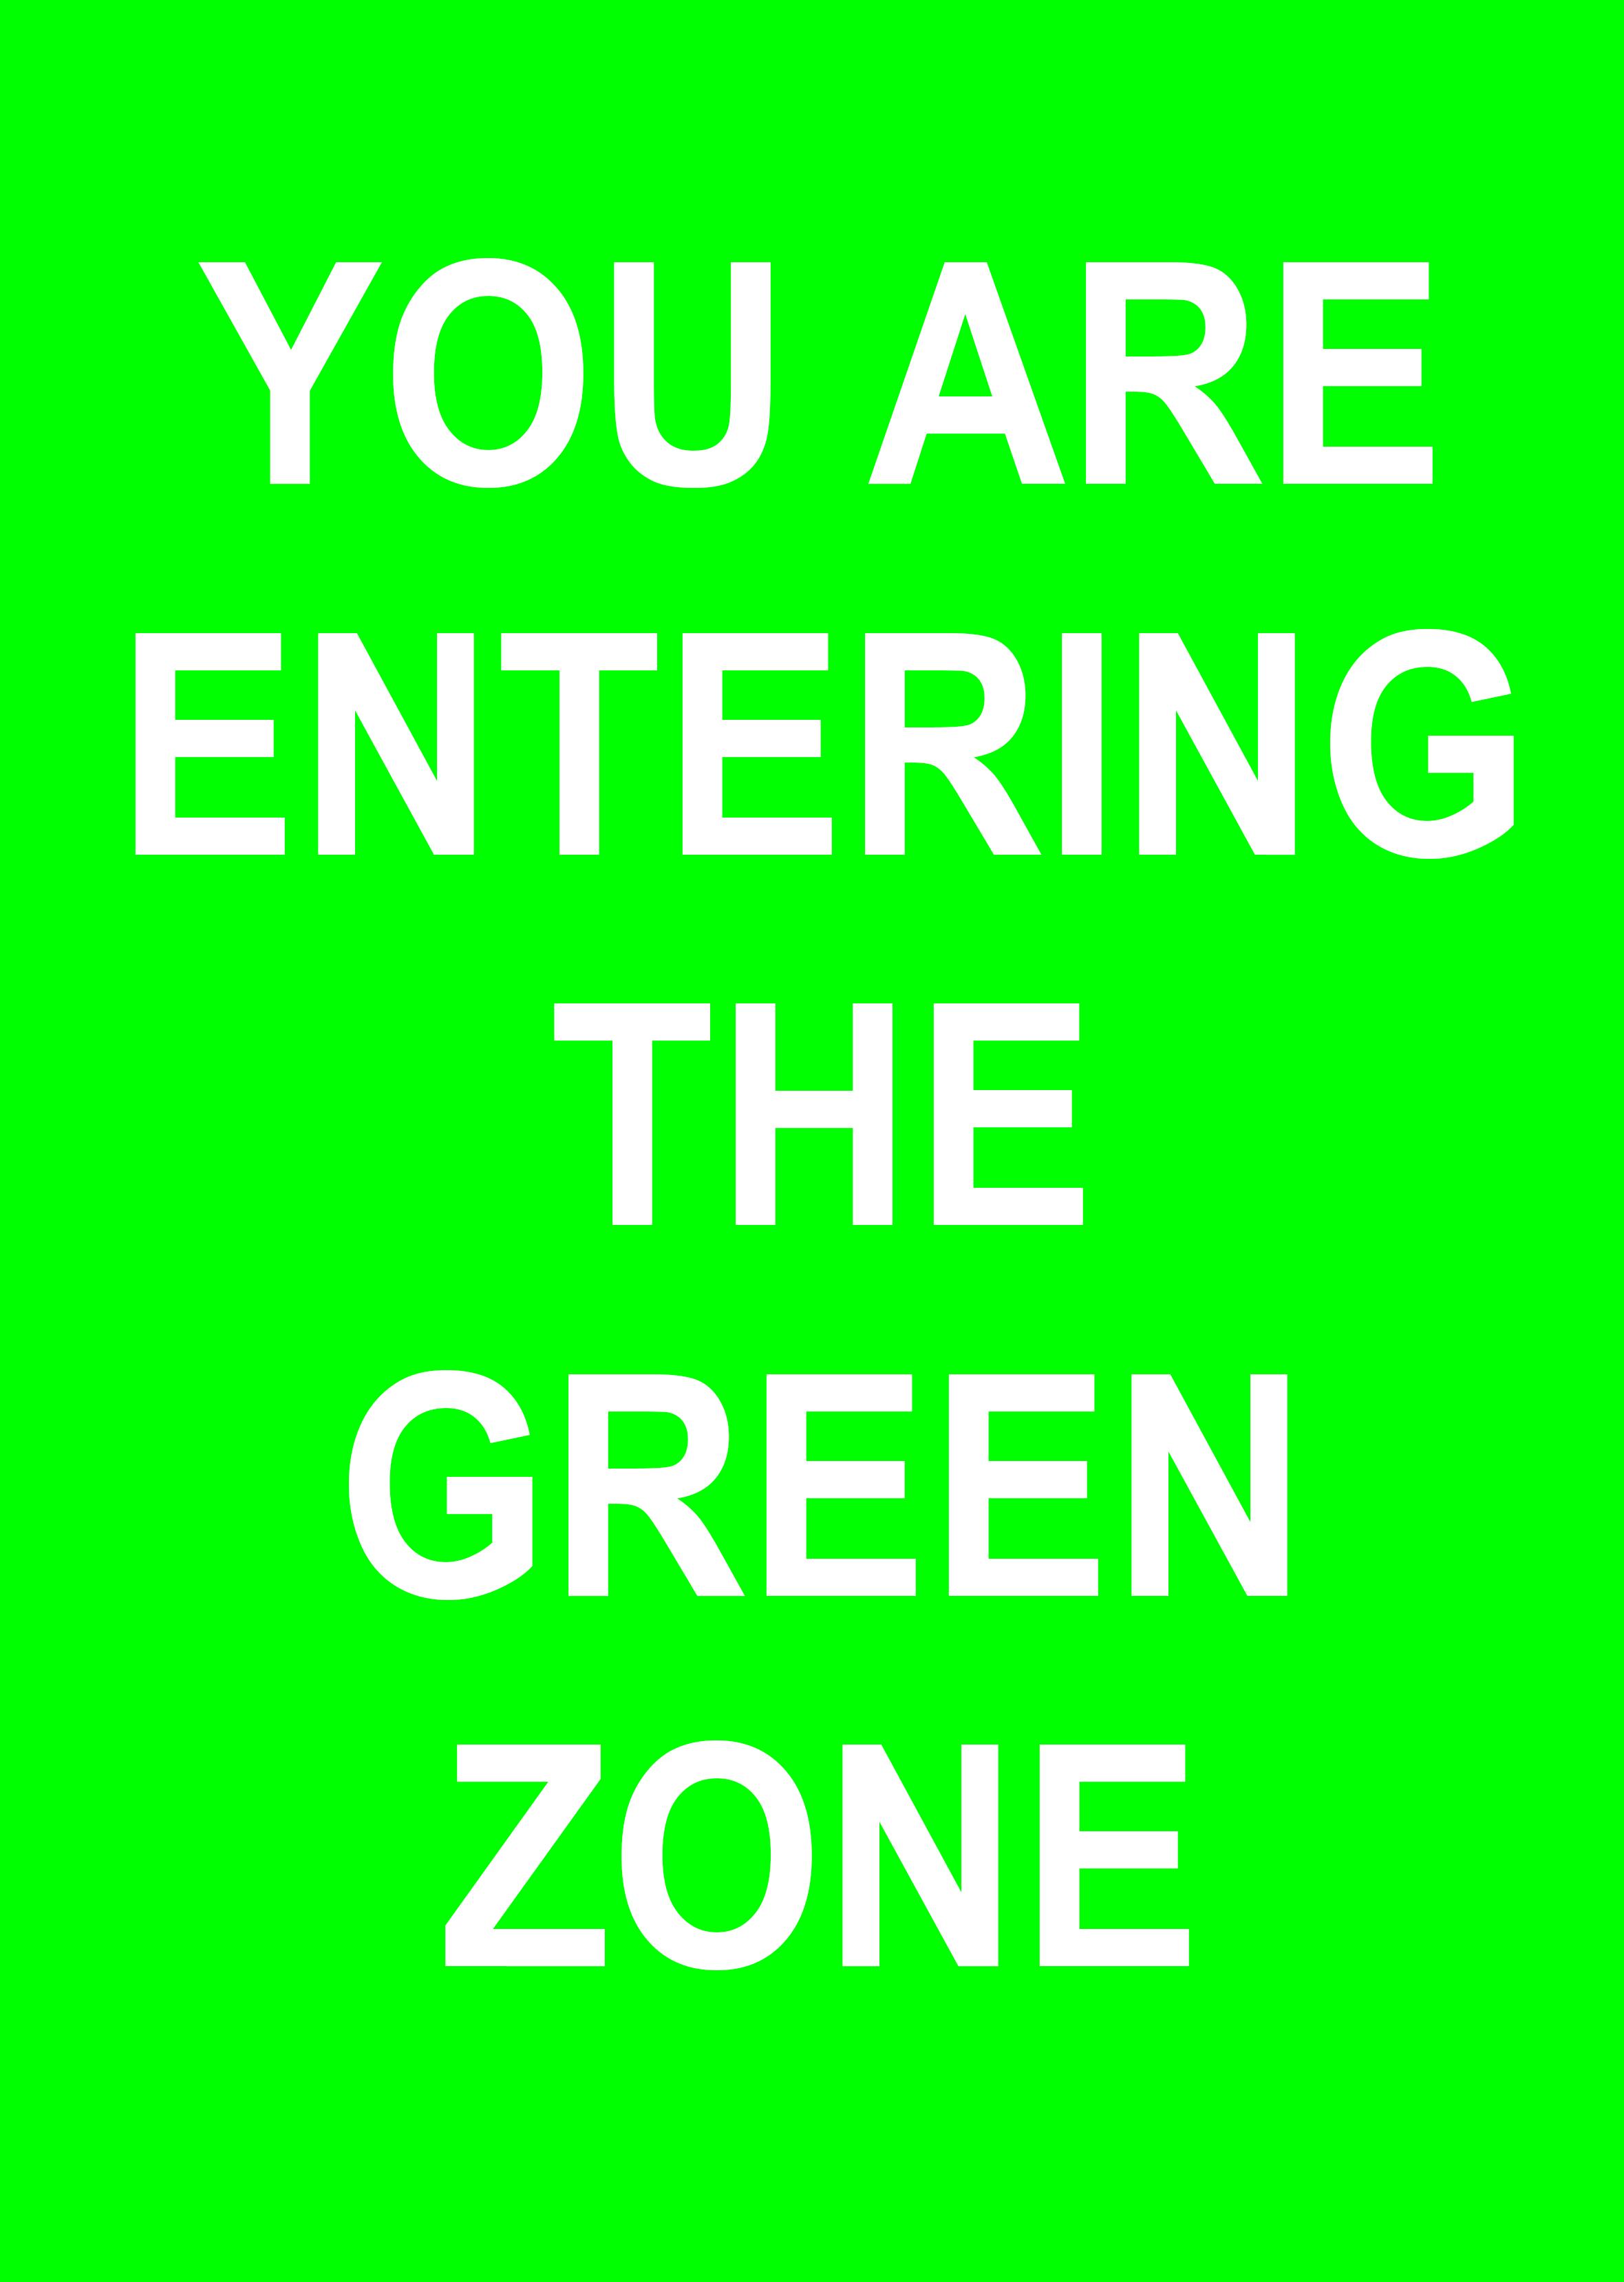 A1 ENTERING GREEN ZONE